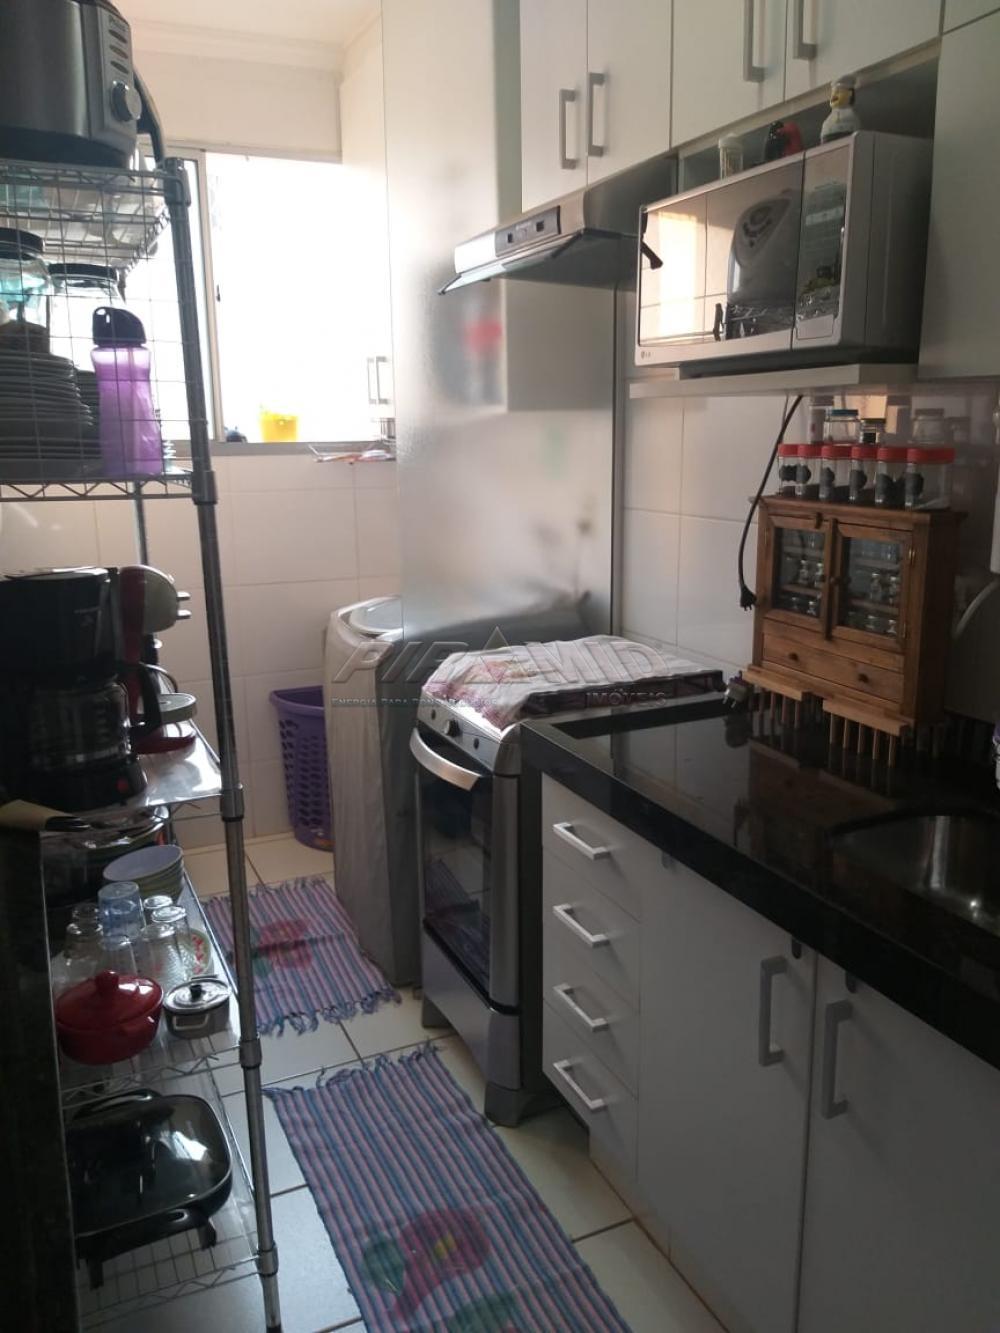 Comprar Apartamento / Padrão em Ribeirão Preto apenas R$ 180.000,00 - Foto 17